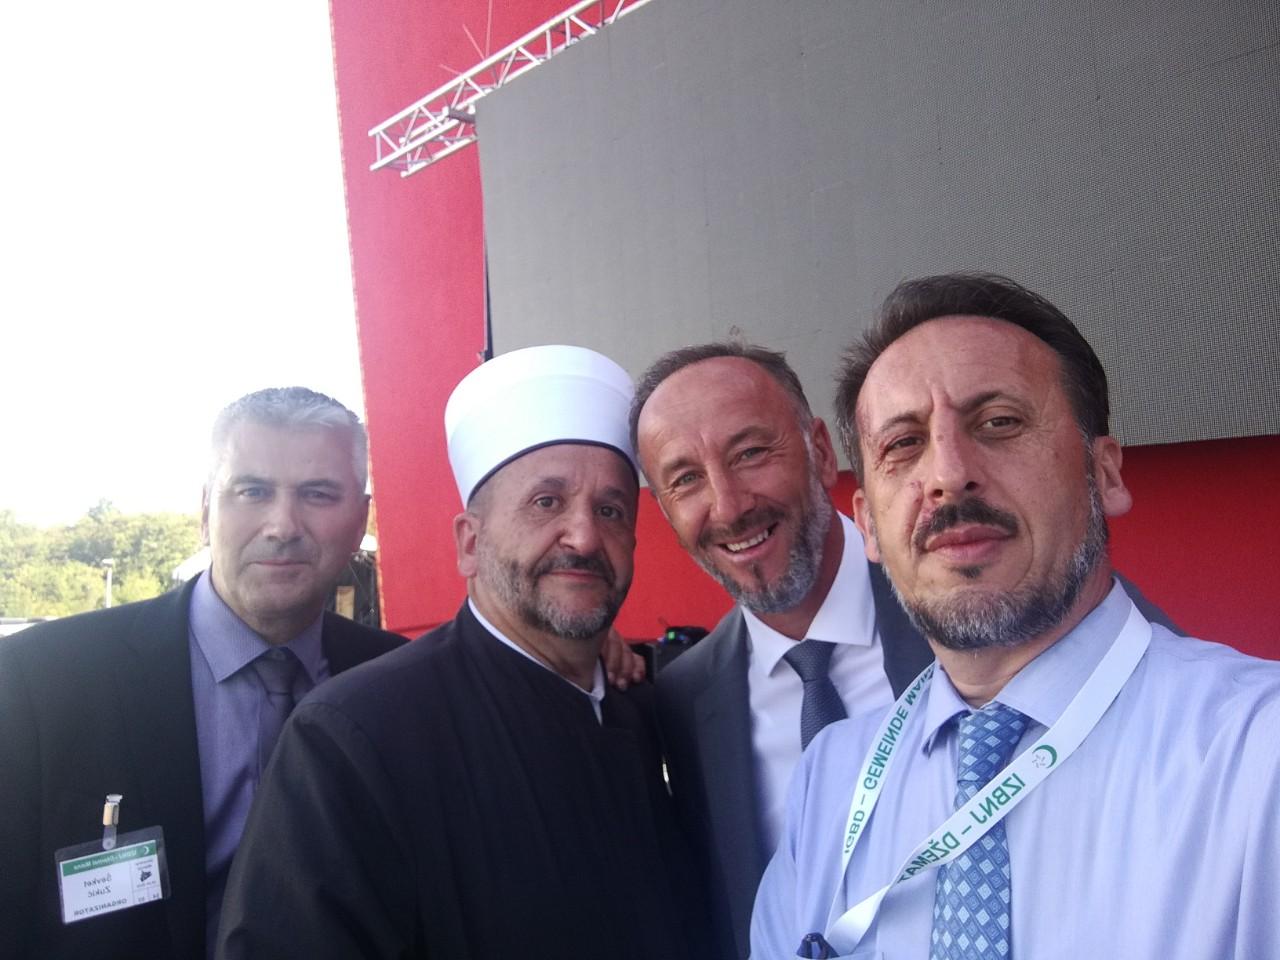 Ševket ef. Zukić, Enver ef. Pašalić, Nusret Faković vakif koji je otvorio džamiju i Mensur ef. Pašalić